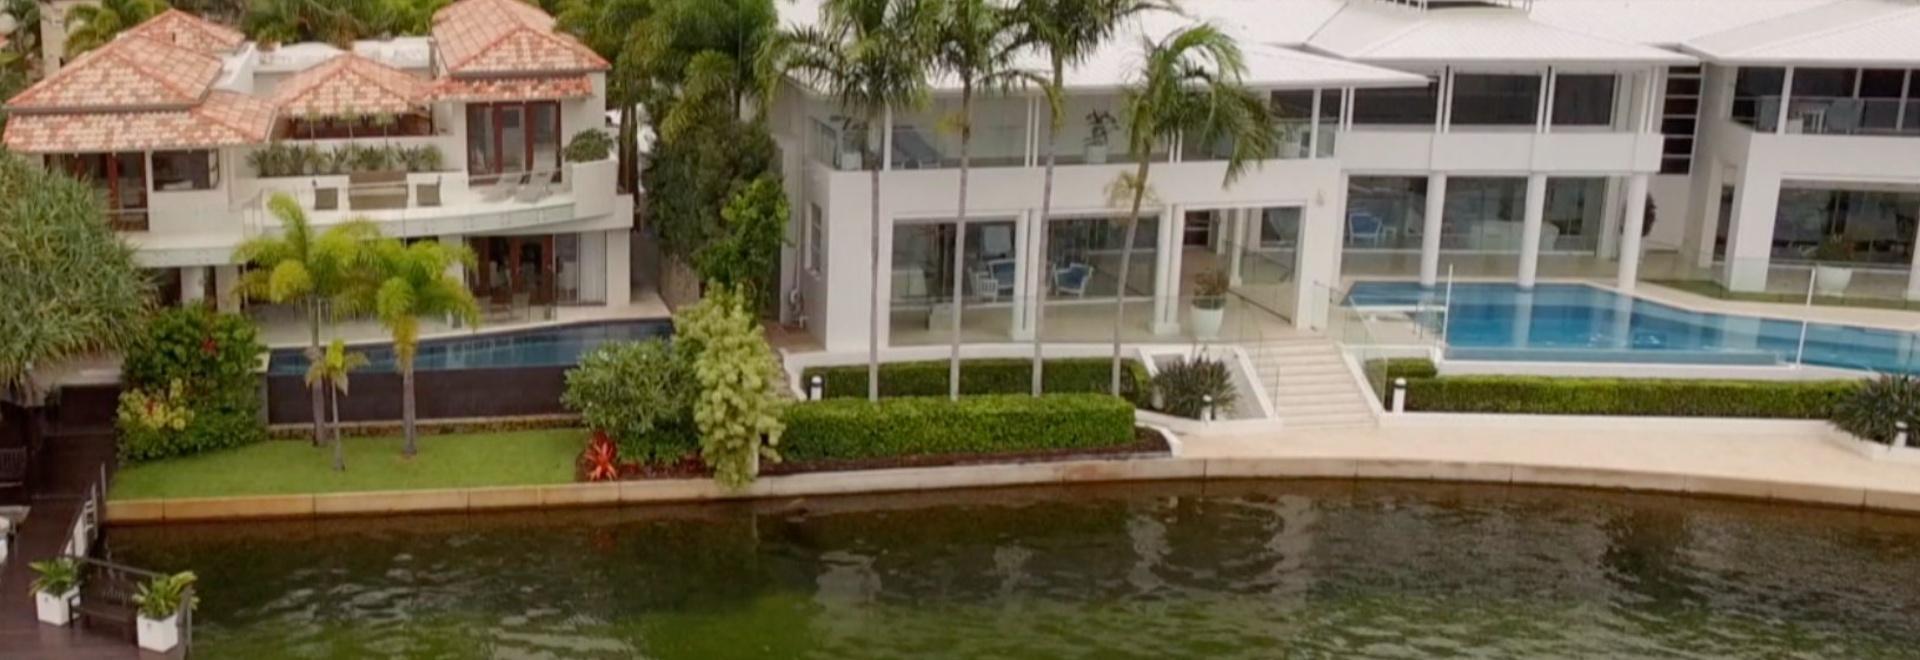 Una residenza in stile resort